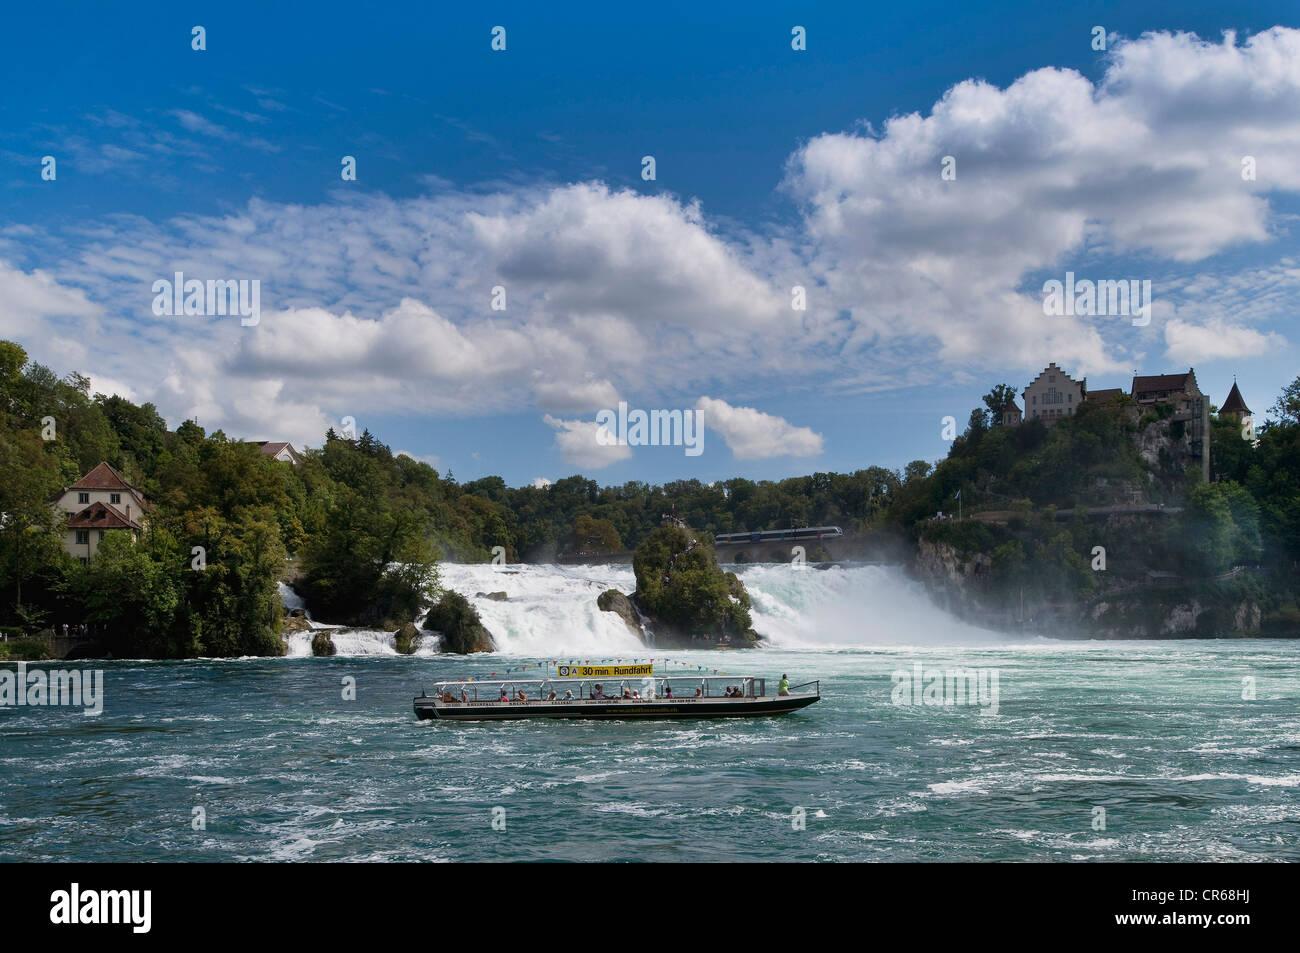 Rheinfall bei Schaffhausen, Ausflugsschiff mit Touristen davor, Schweiz, Europa Kreuzfahrt Stockbild